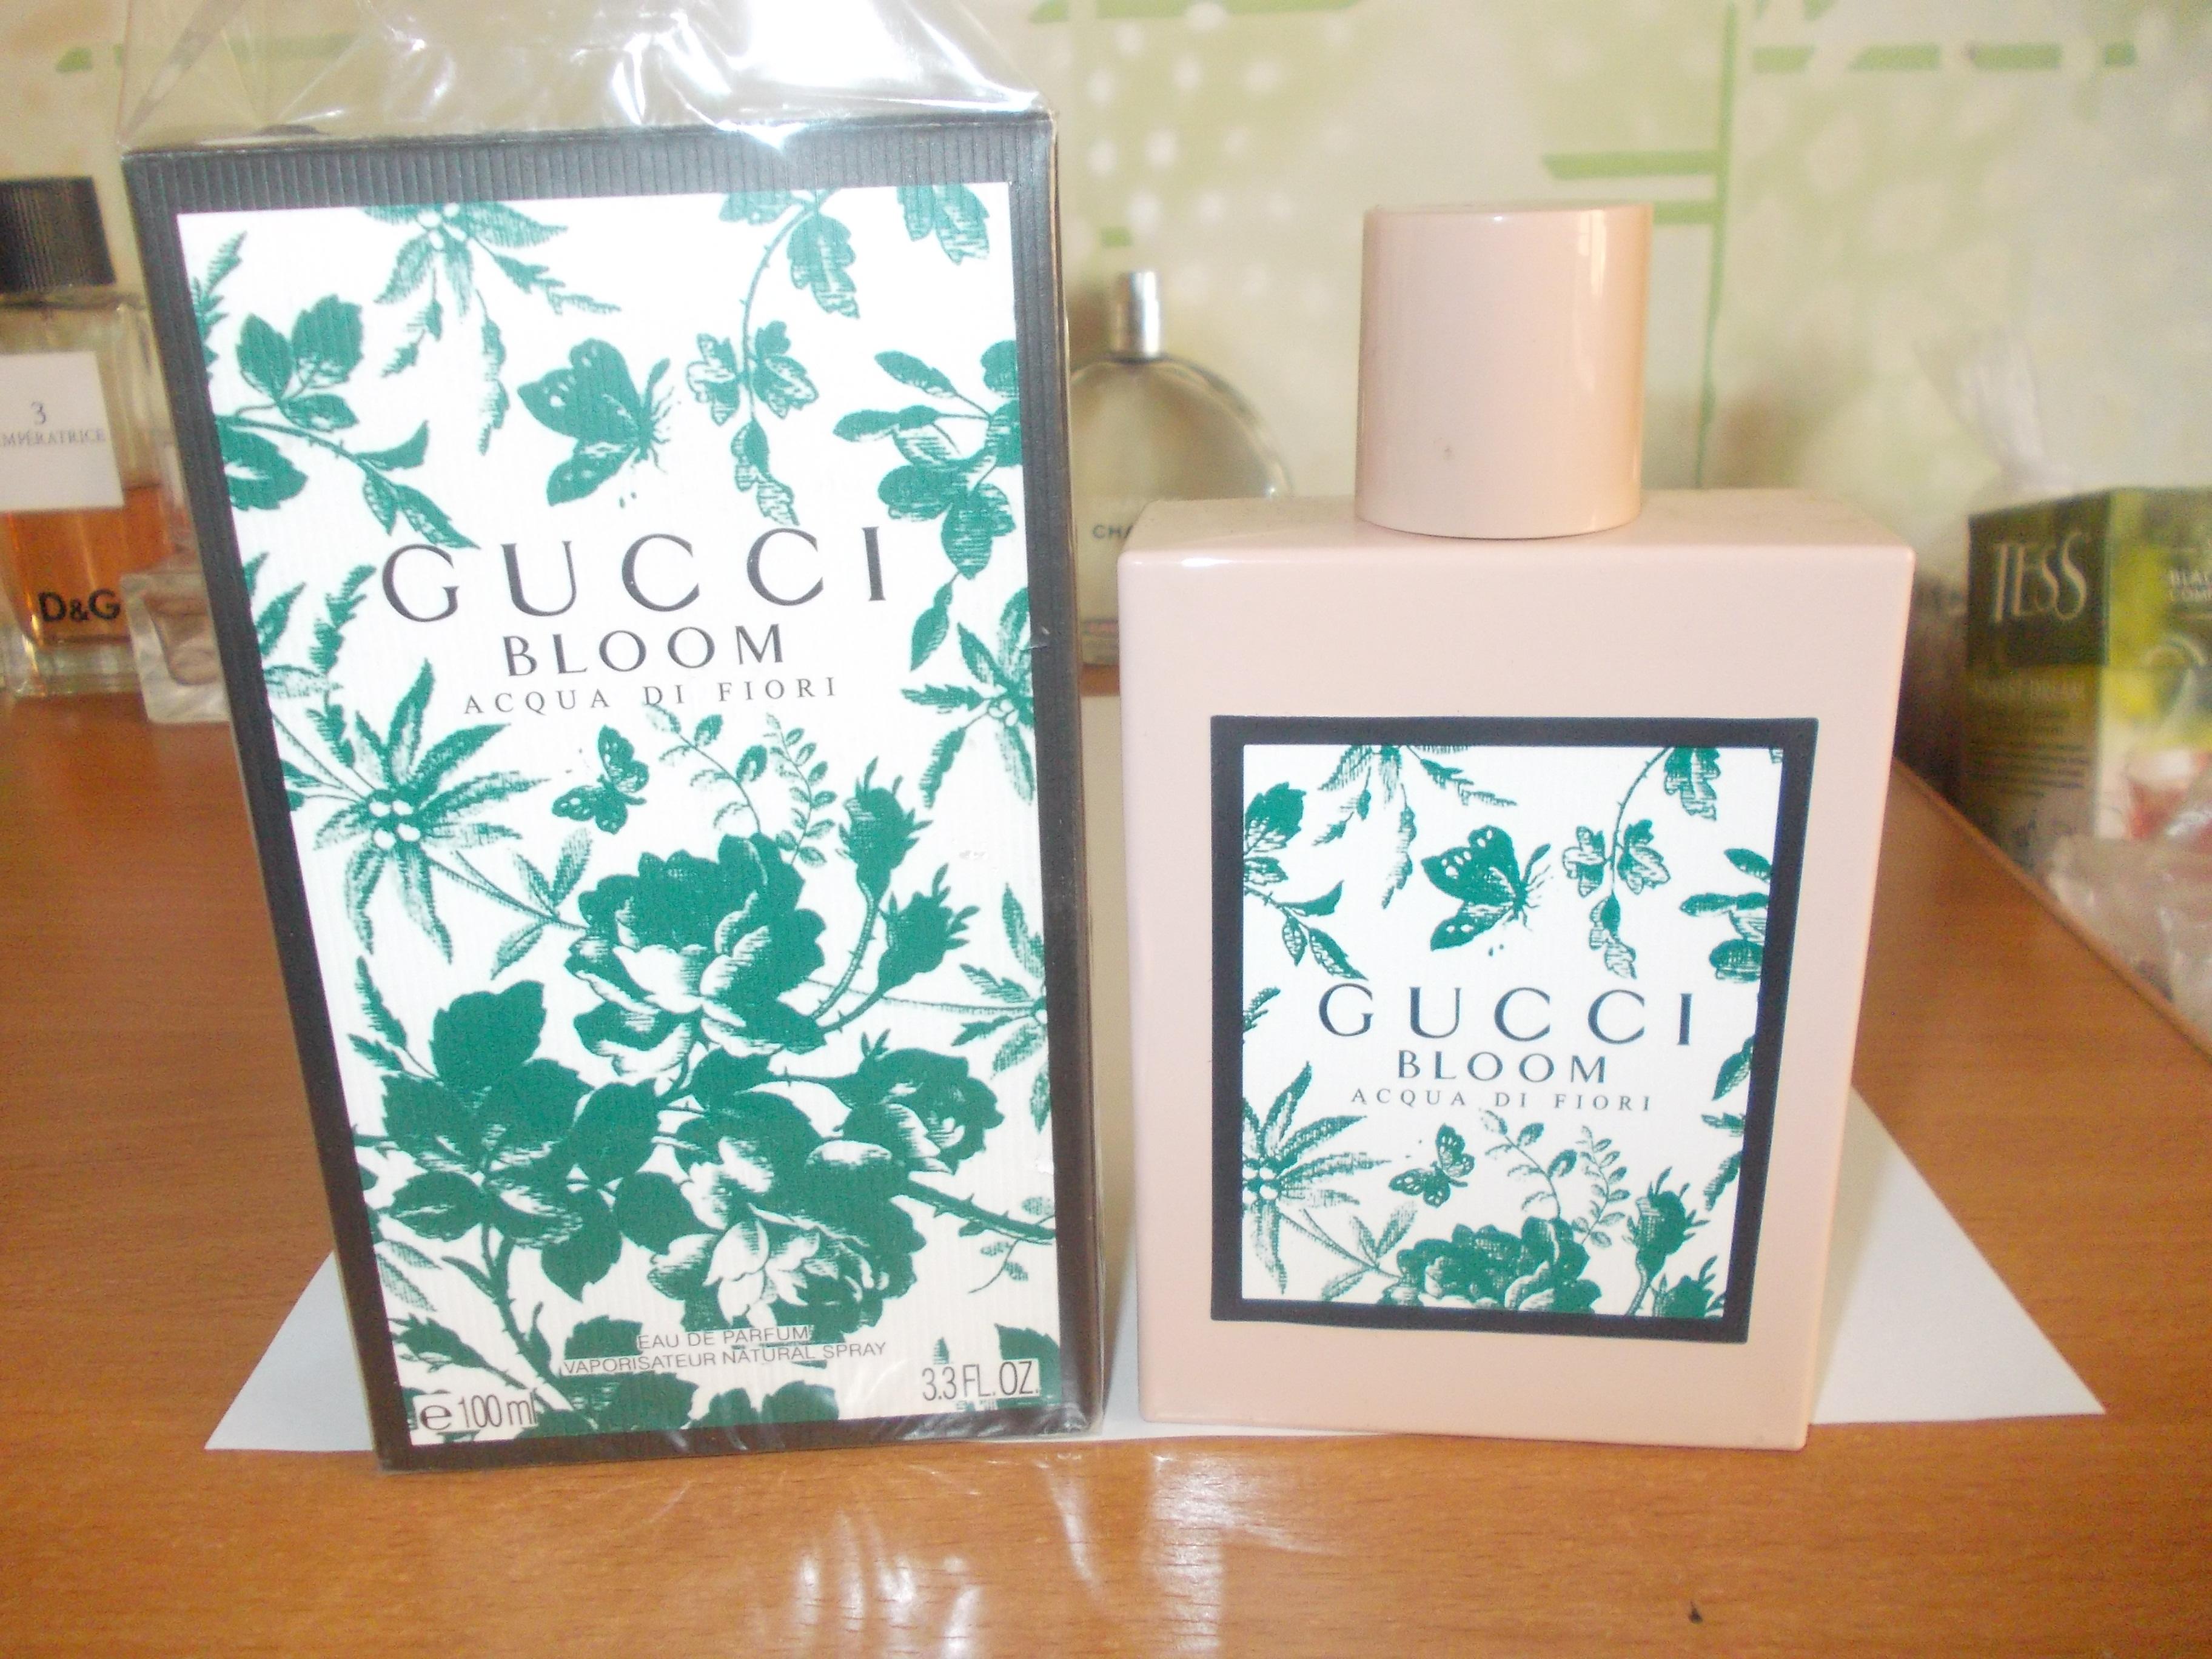 Bloom Acqua Di Fiori Gucci 100мл парфюмерия в красноярске